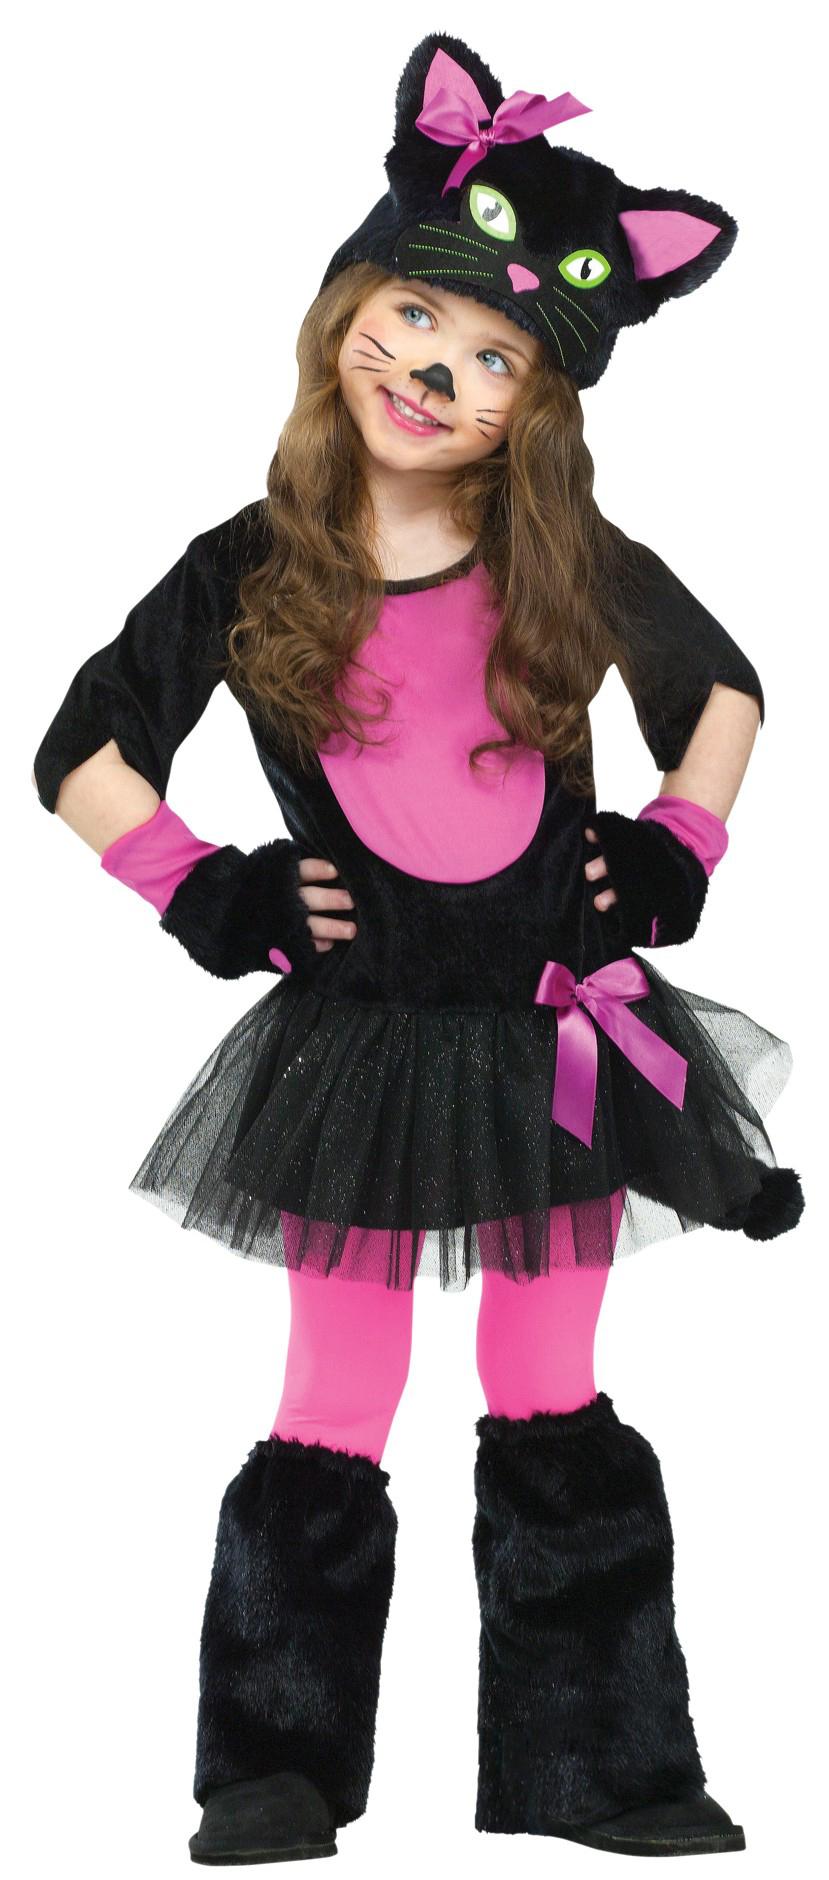 Карнавальные костюмы для девочек своими руками кошка 58